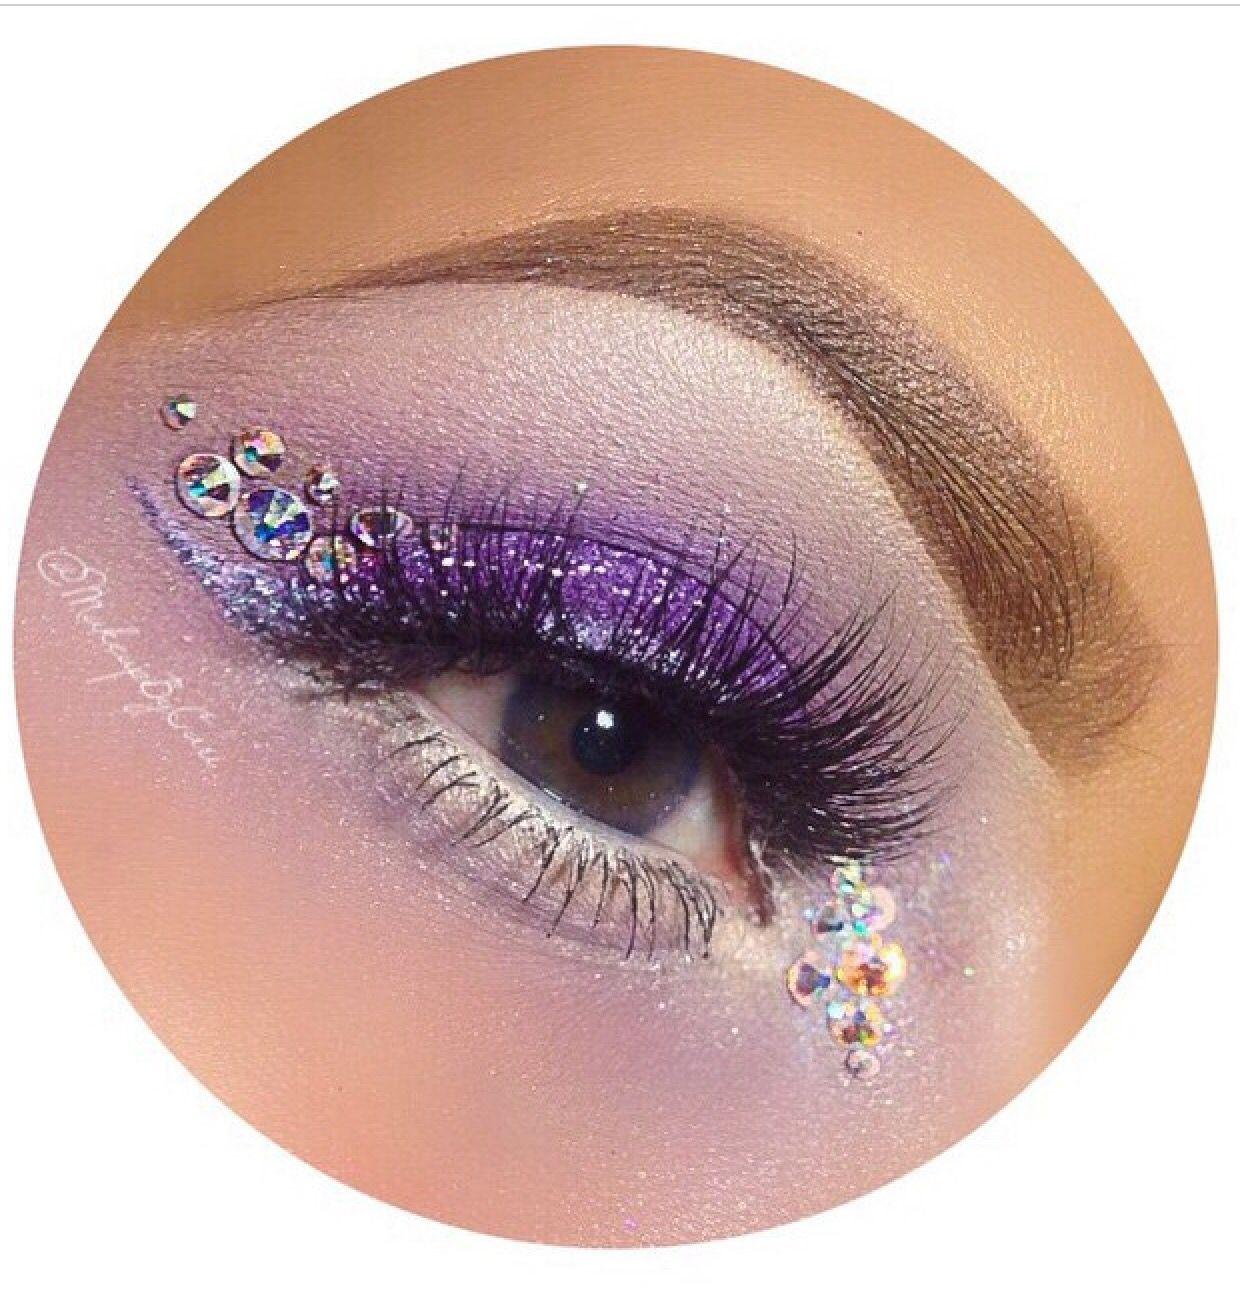 Amazing makeup Best makeup products, Fashion makeup, Makeup